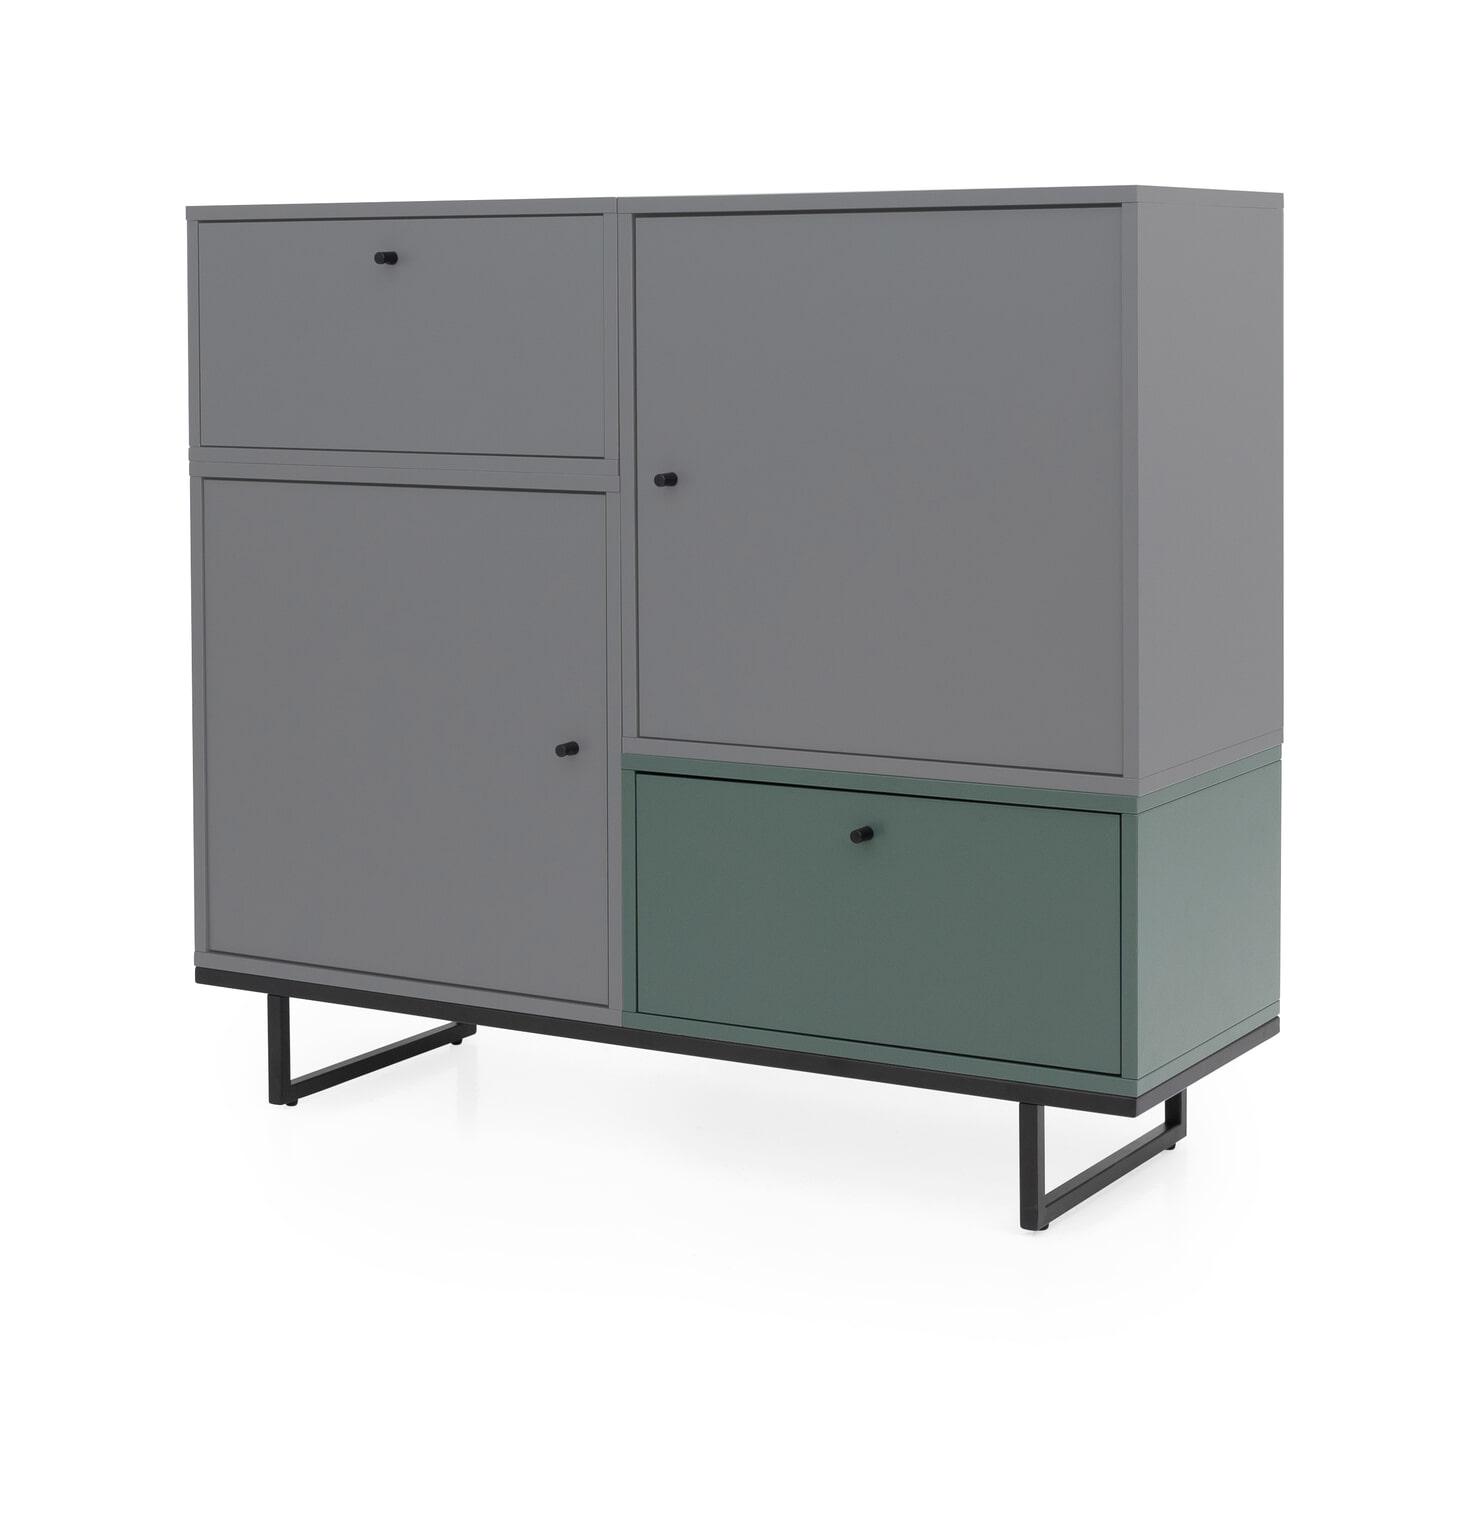 Wonderlijk Tenzo Opbergkast Mudo 99 x 112cm, kleur Grijs/Groen - TE EJ-91